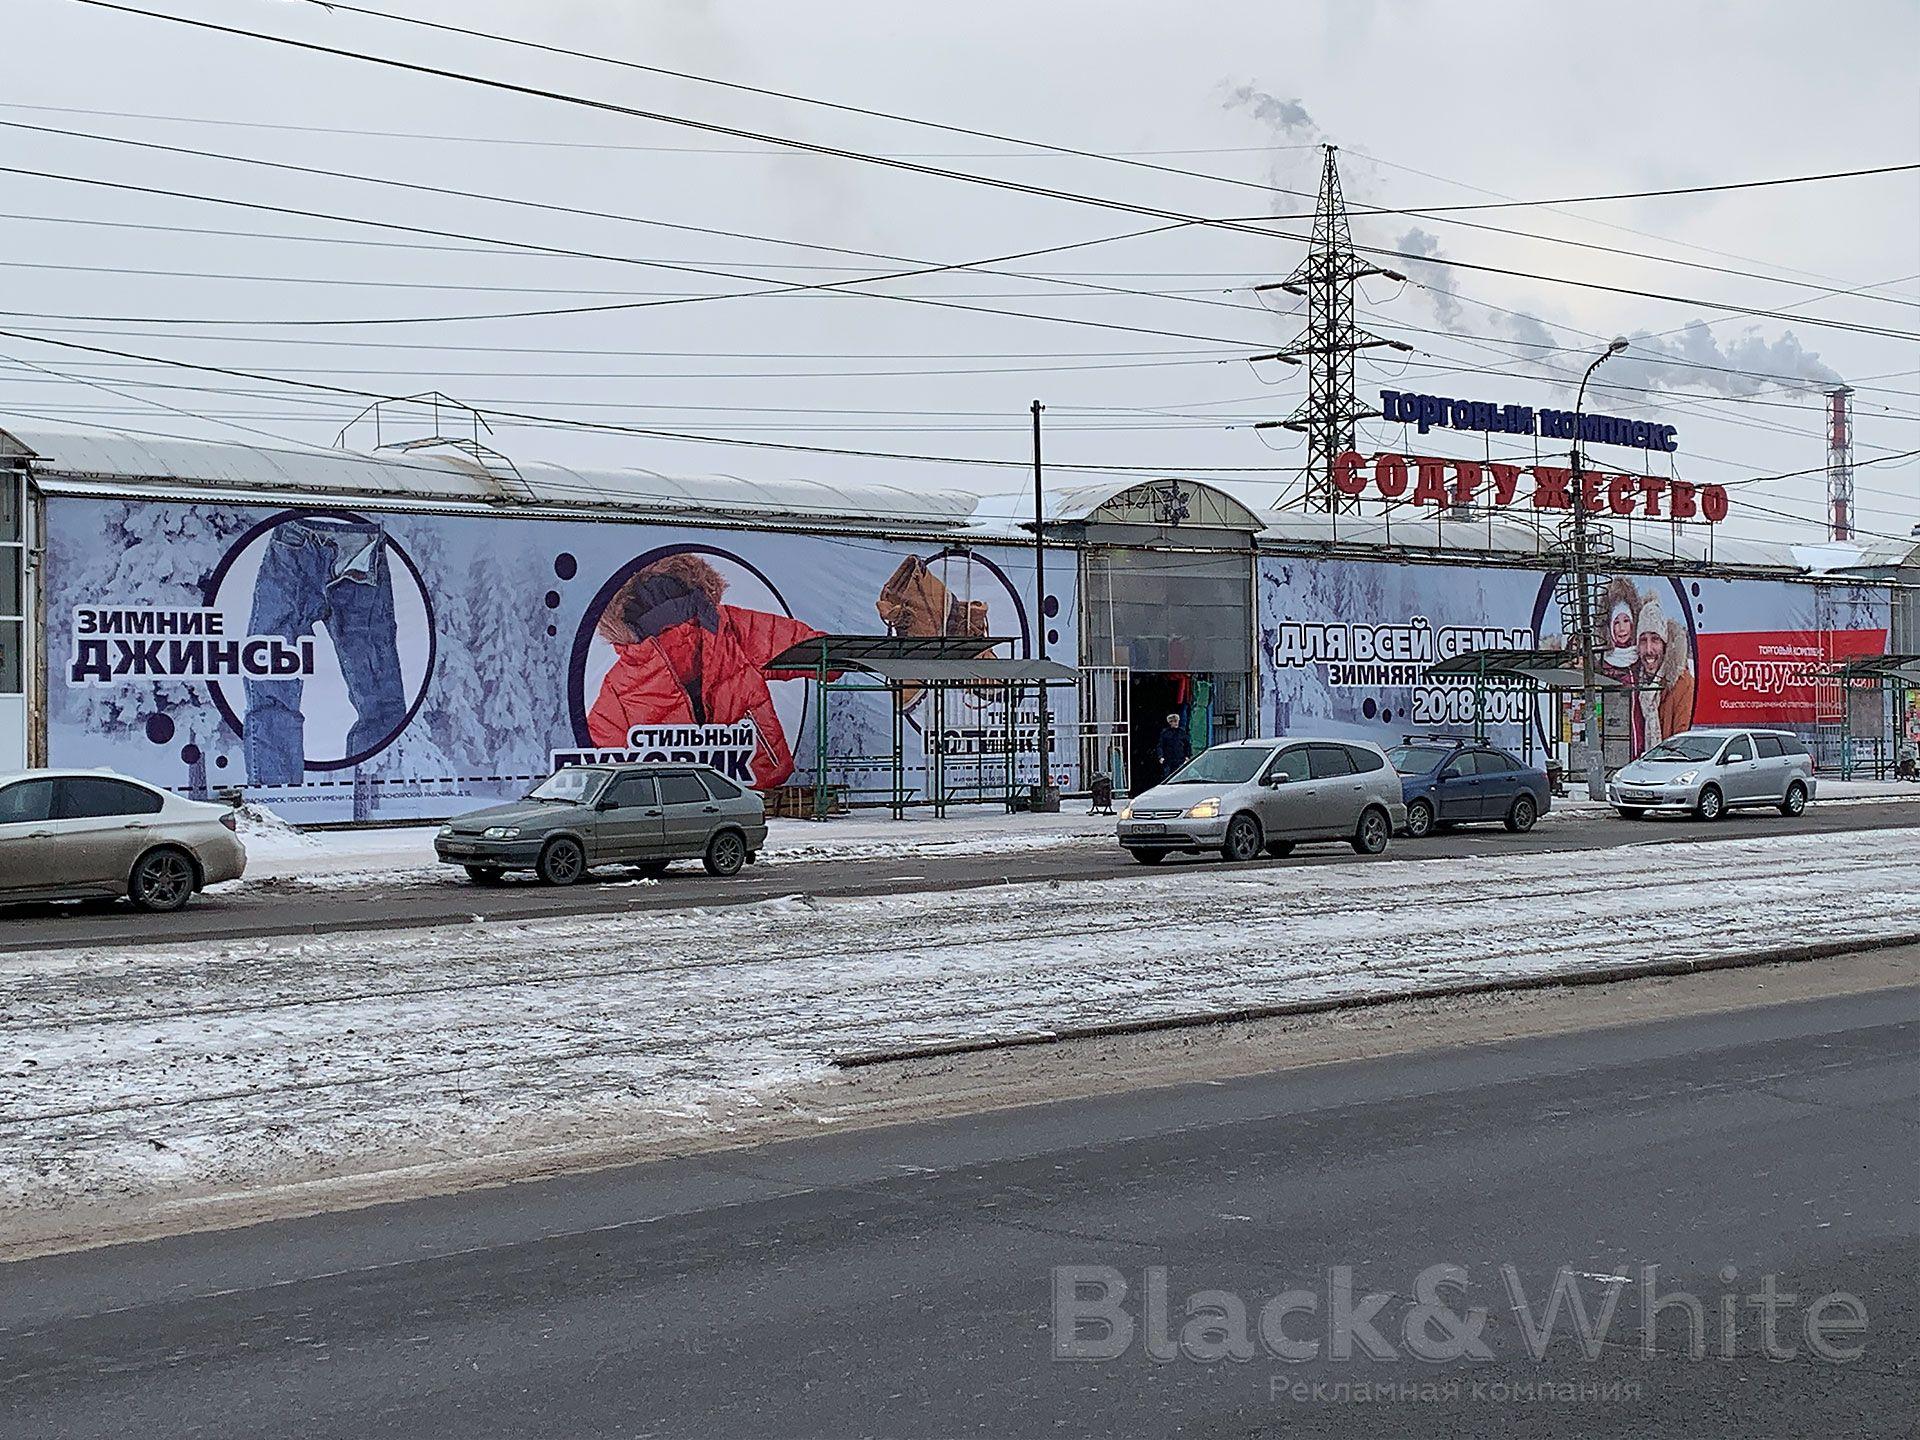 Печать-на-баннере-в-Красноярске-содружество.jpg